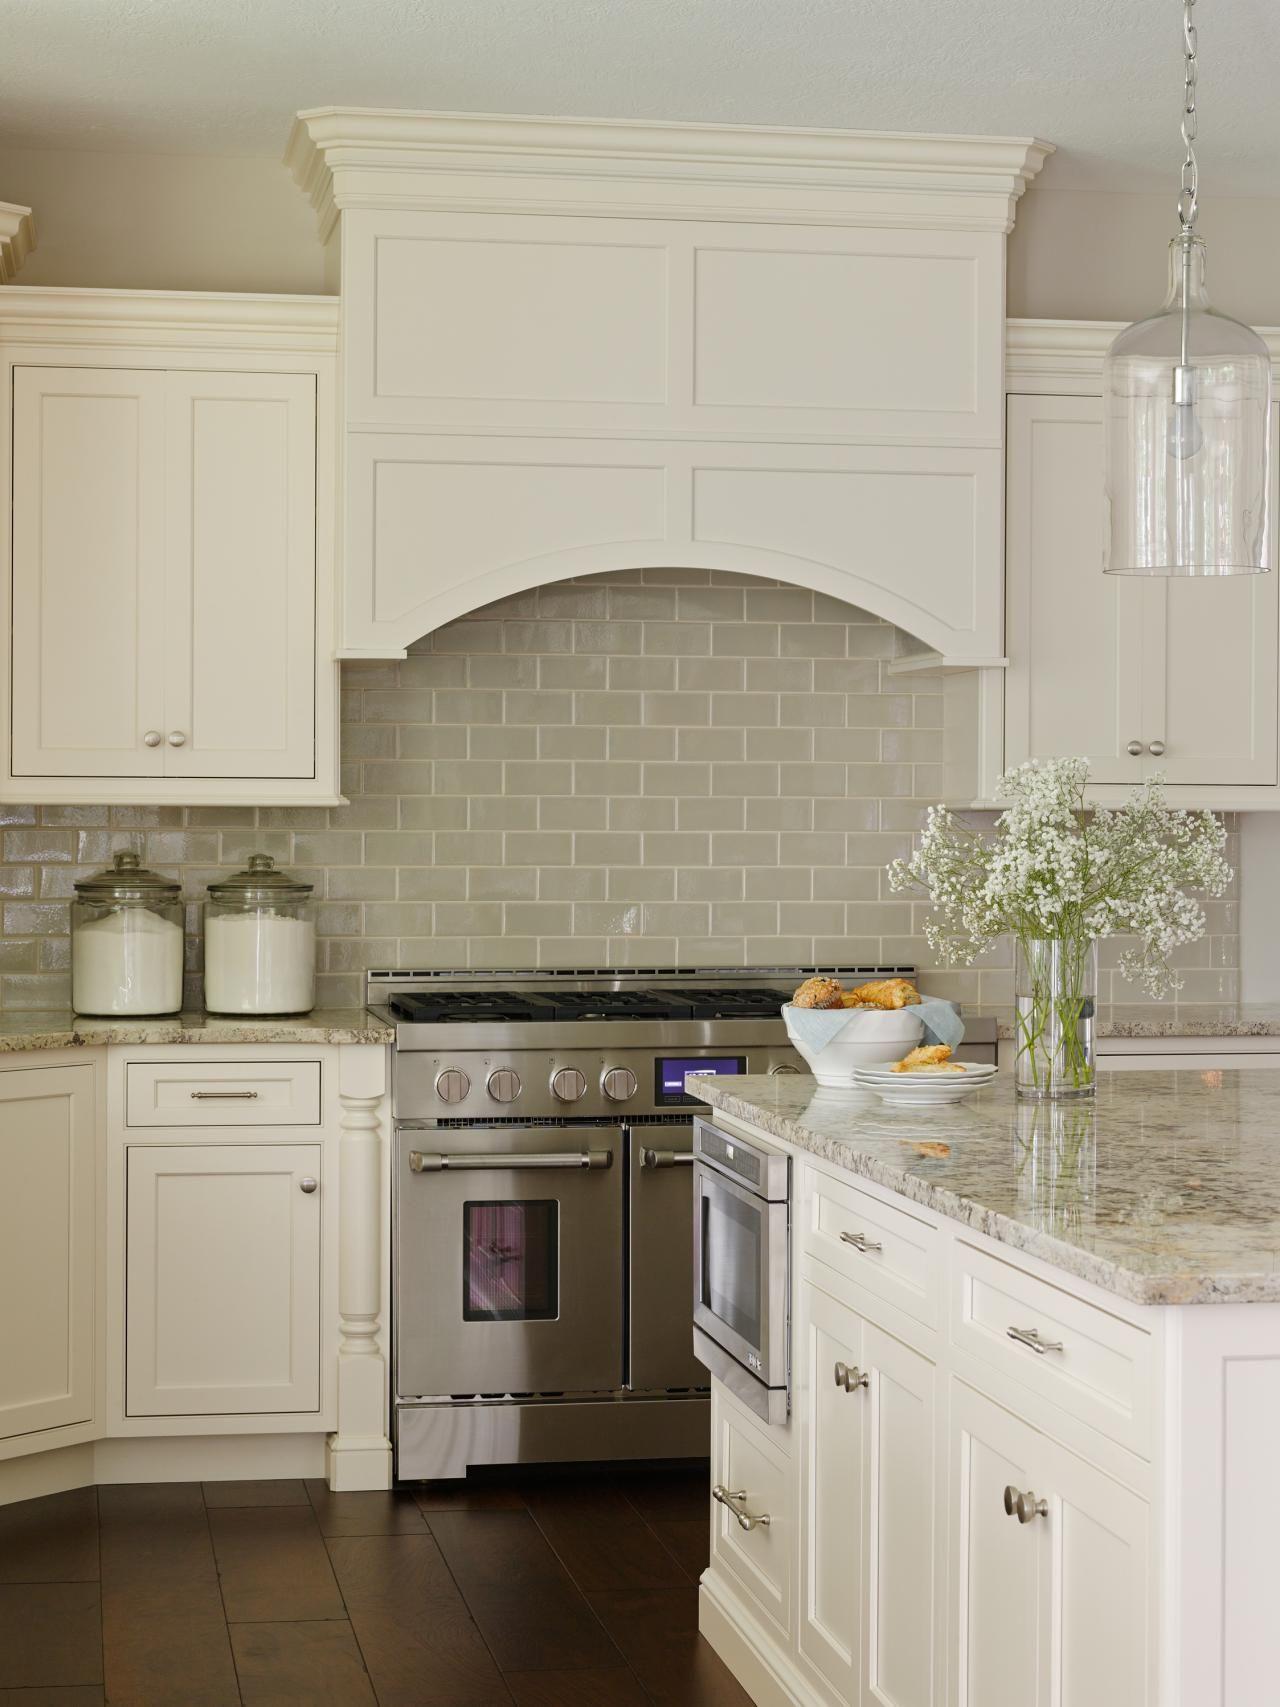 Best kitchen backsplash ideaskitchen